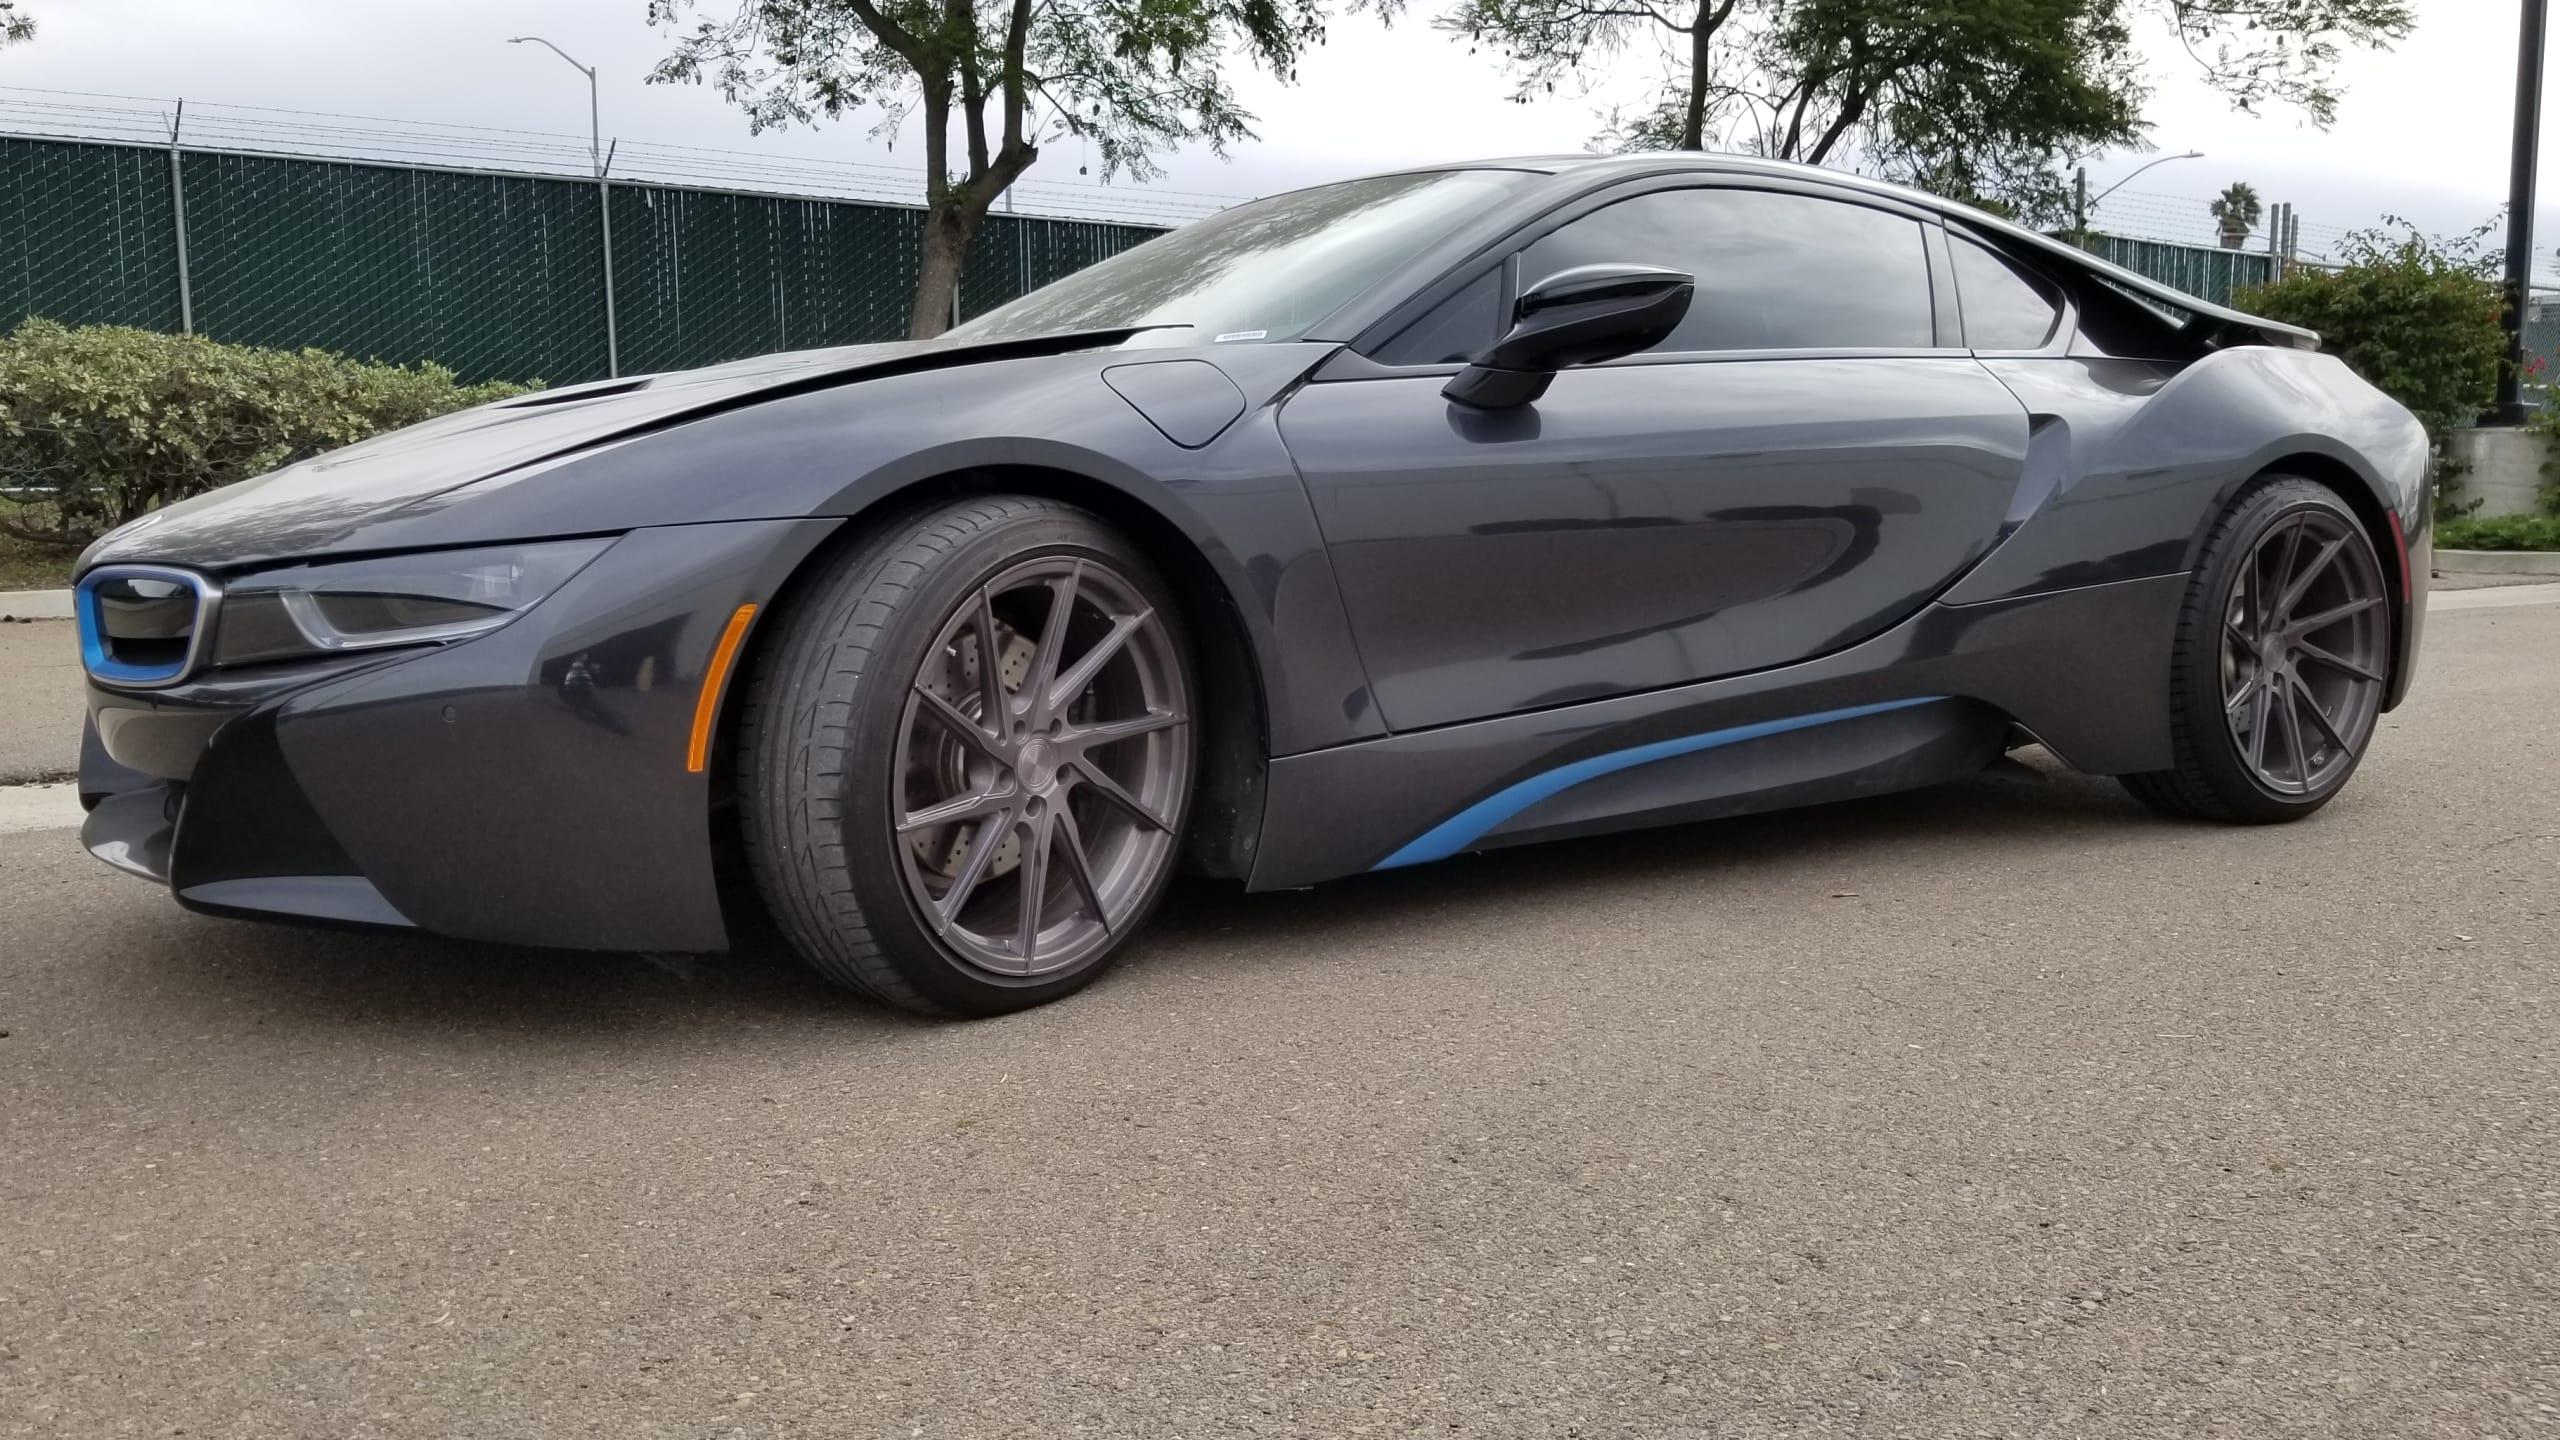 2015 BMW I8 (1.5)